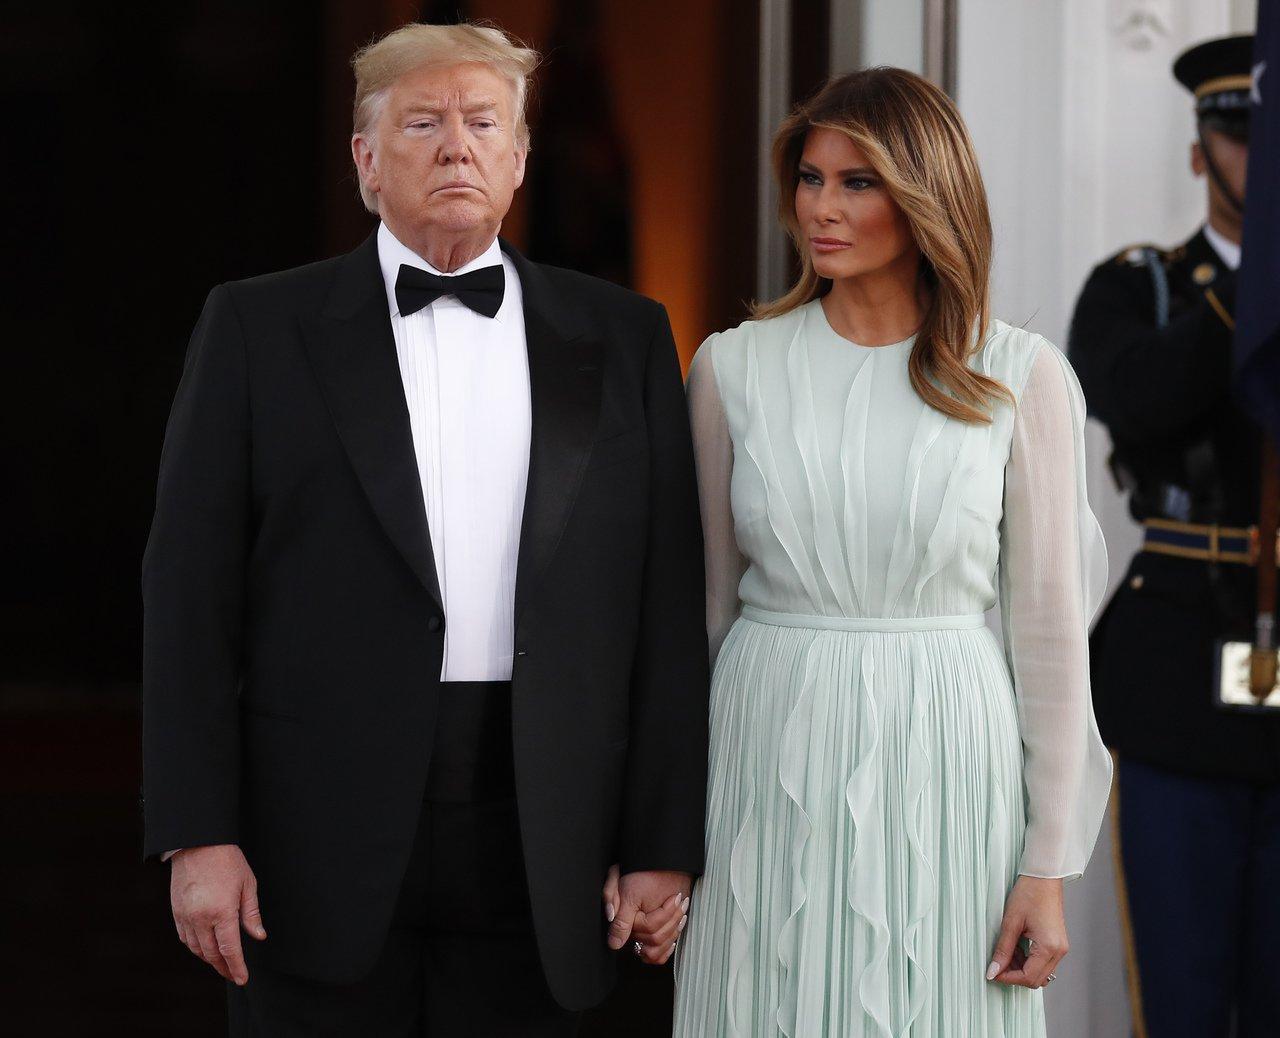 美國第一夫人梅蘭妮亞(右)出席國宴的禮服很吸睛。美聯社